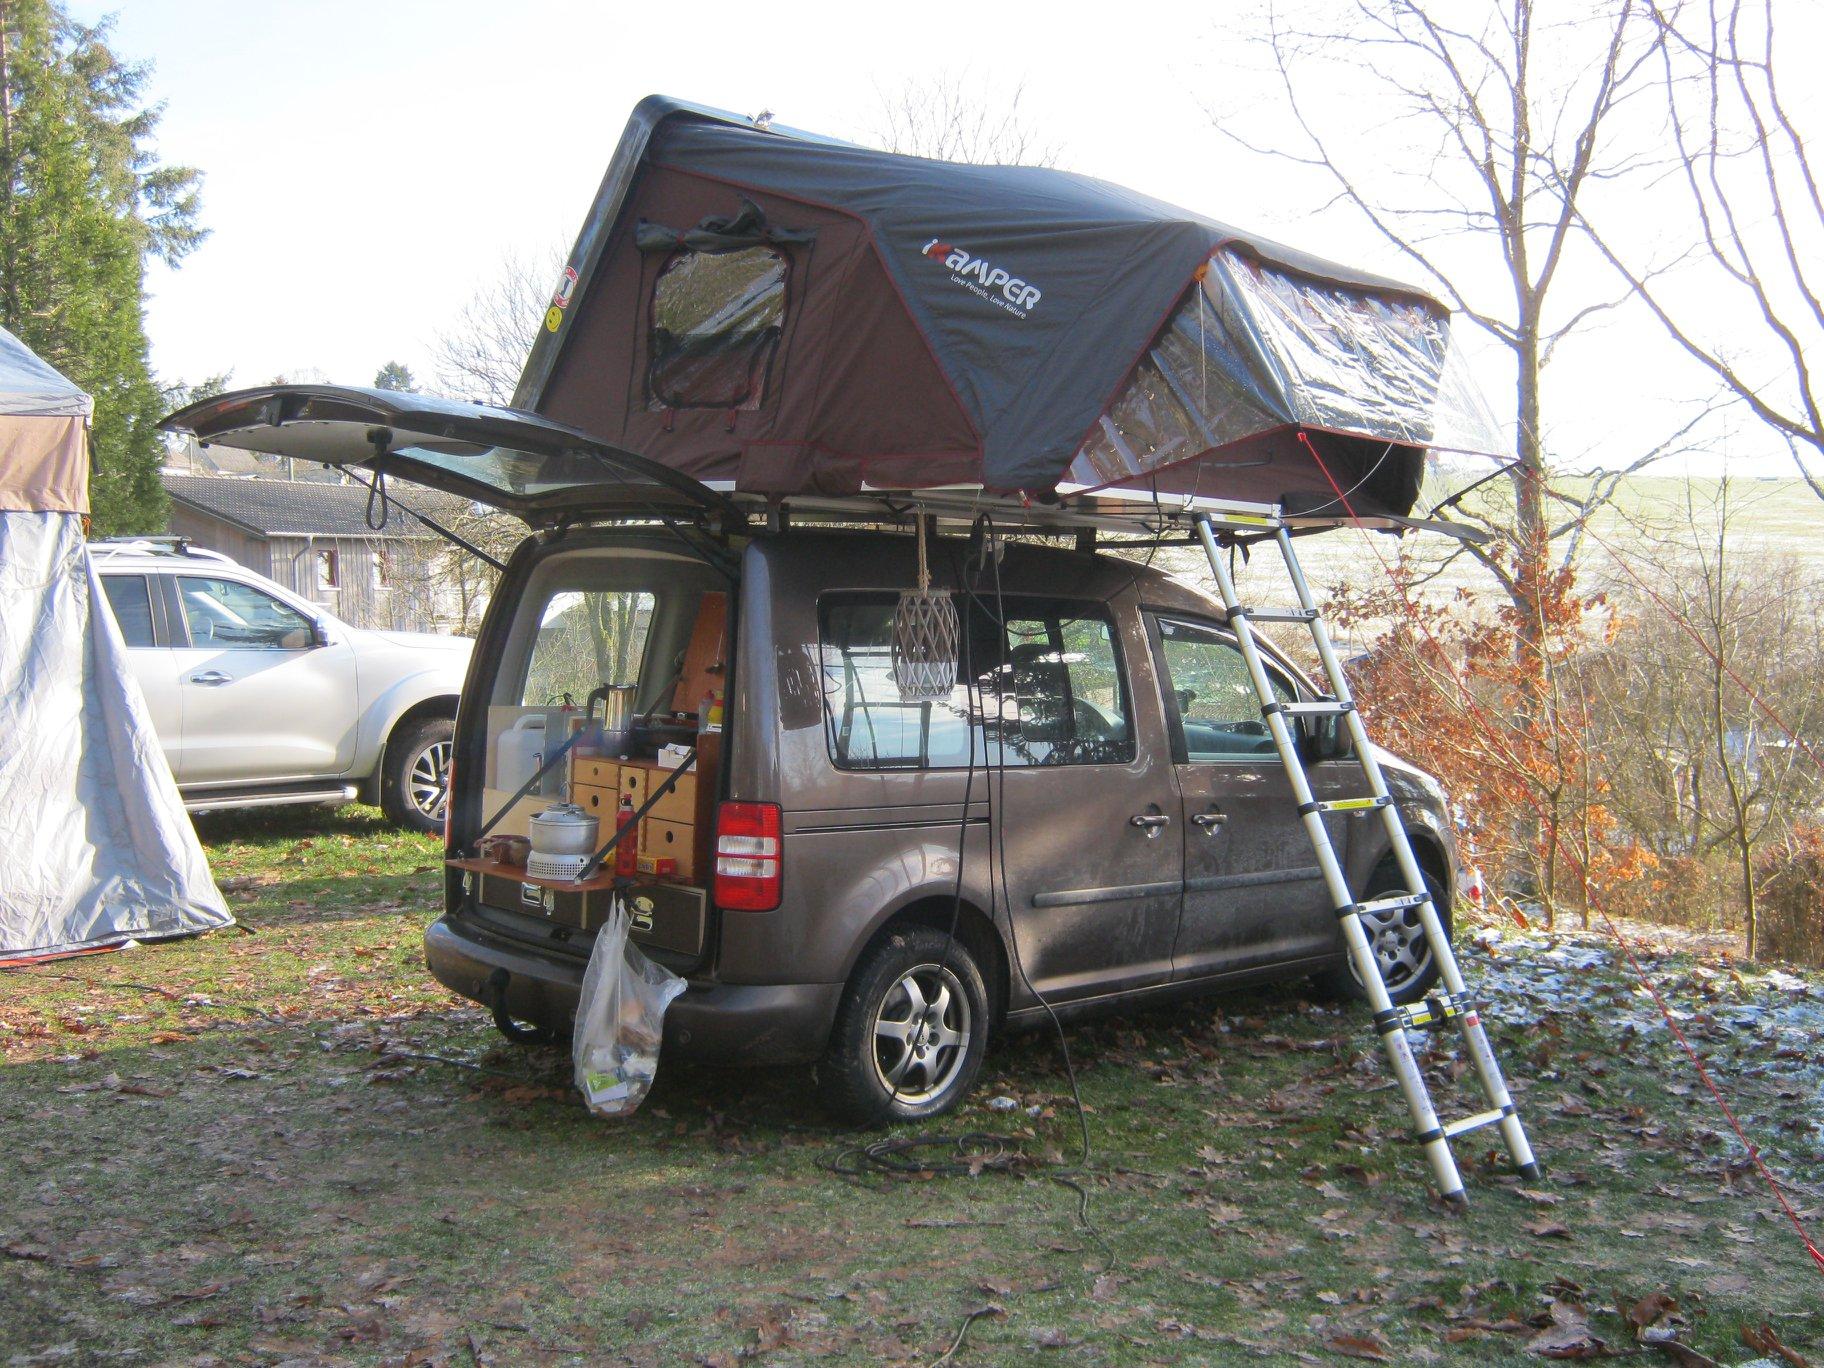 Dachzelt Winter Camp